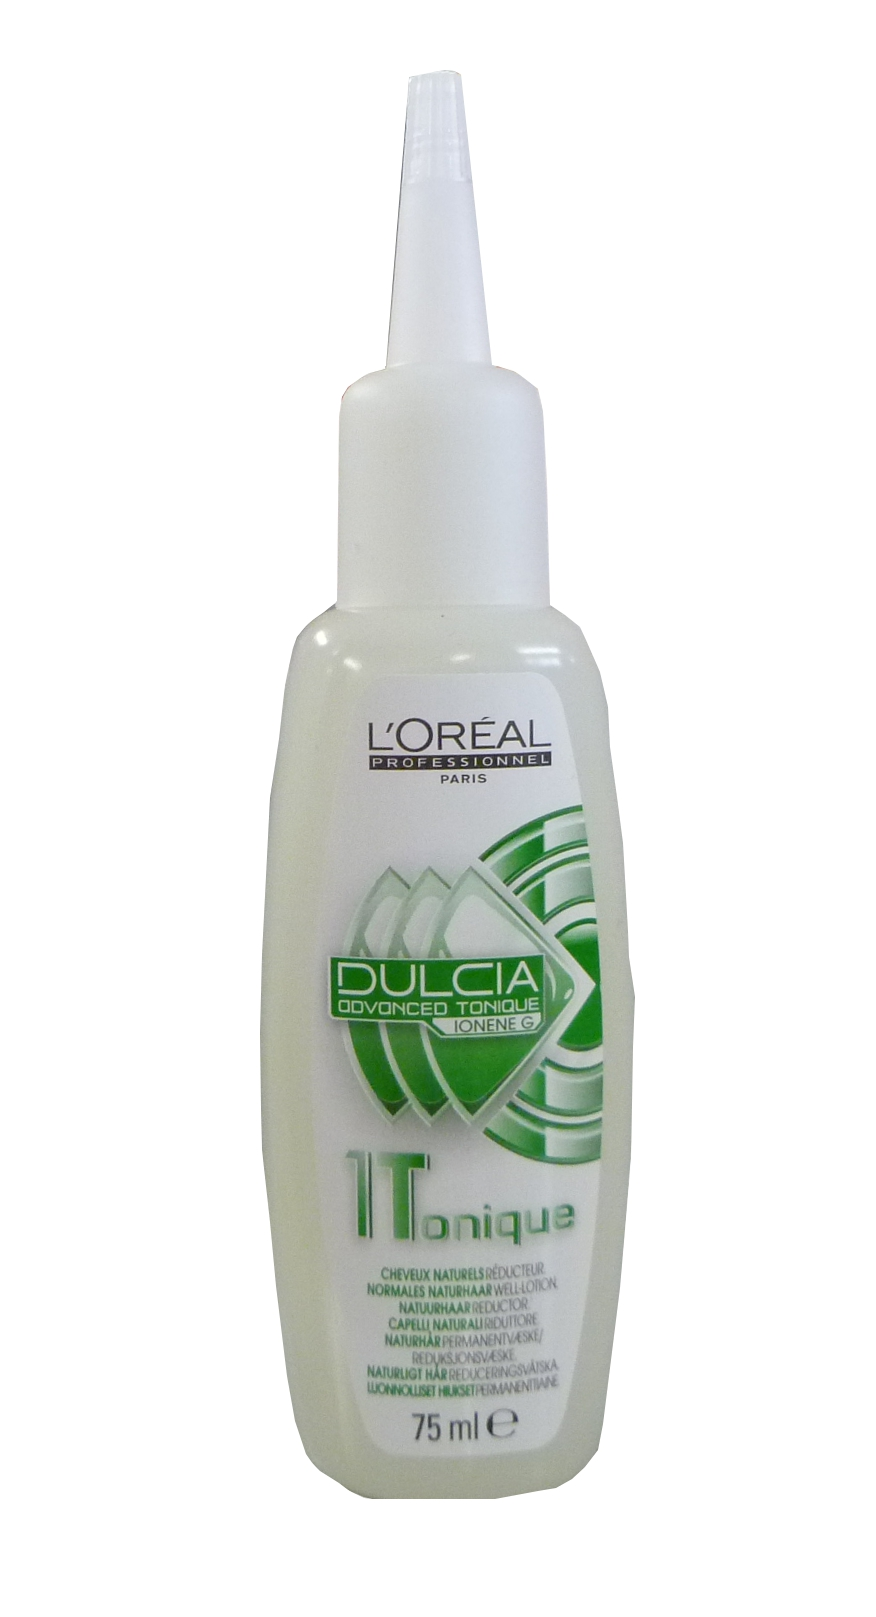 L'ORÉAL Dulcia ADVANCED Tonique - 1 - 75 ml